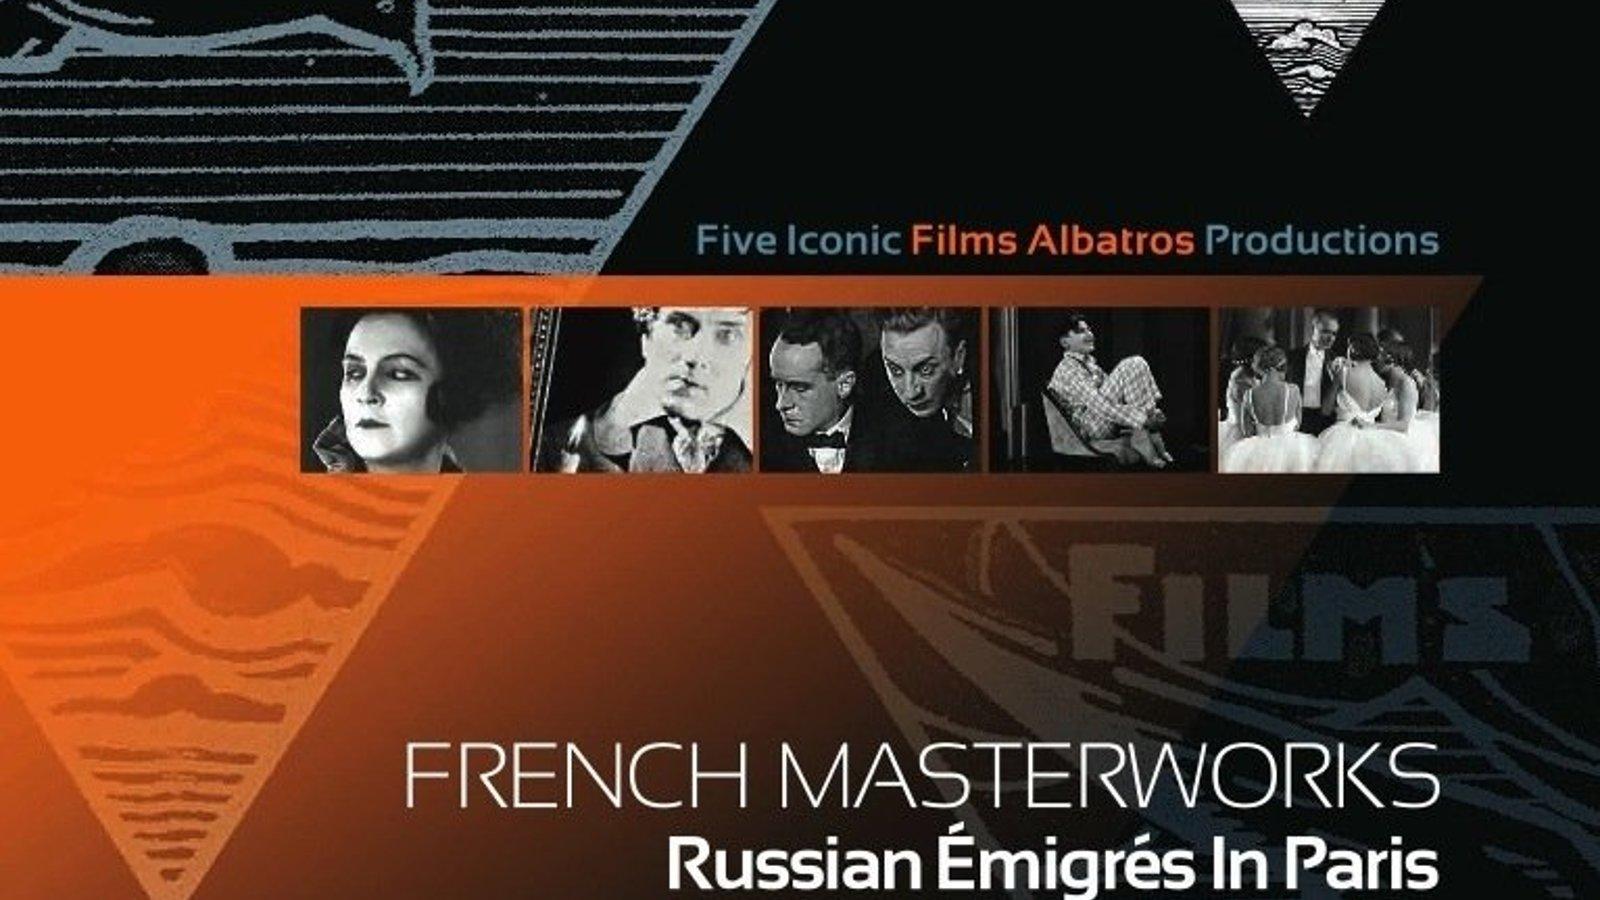 French Masterworks: Russian Émigrés In Paris (1923-1928)